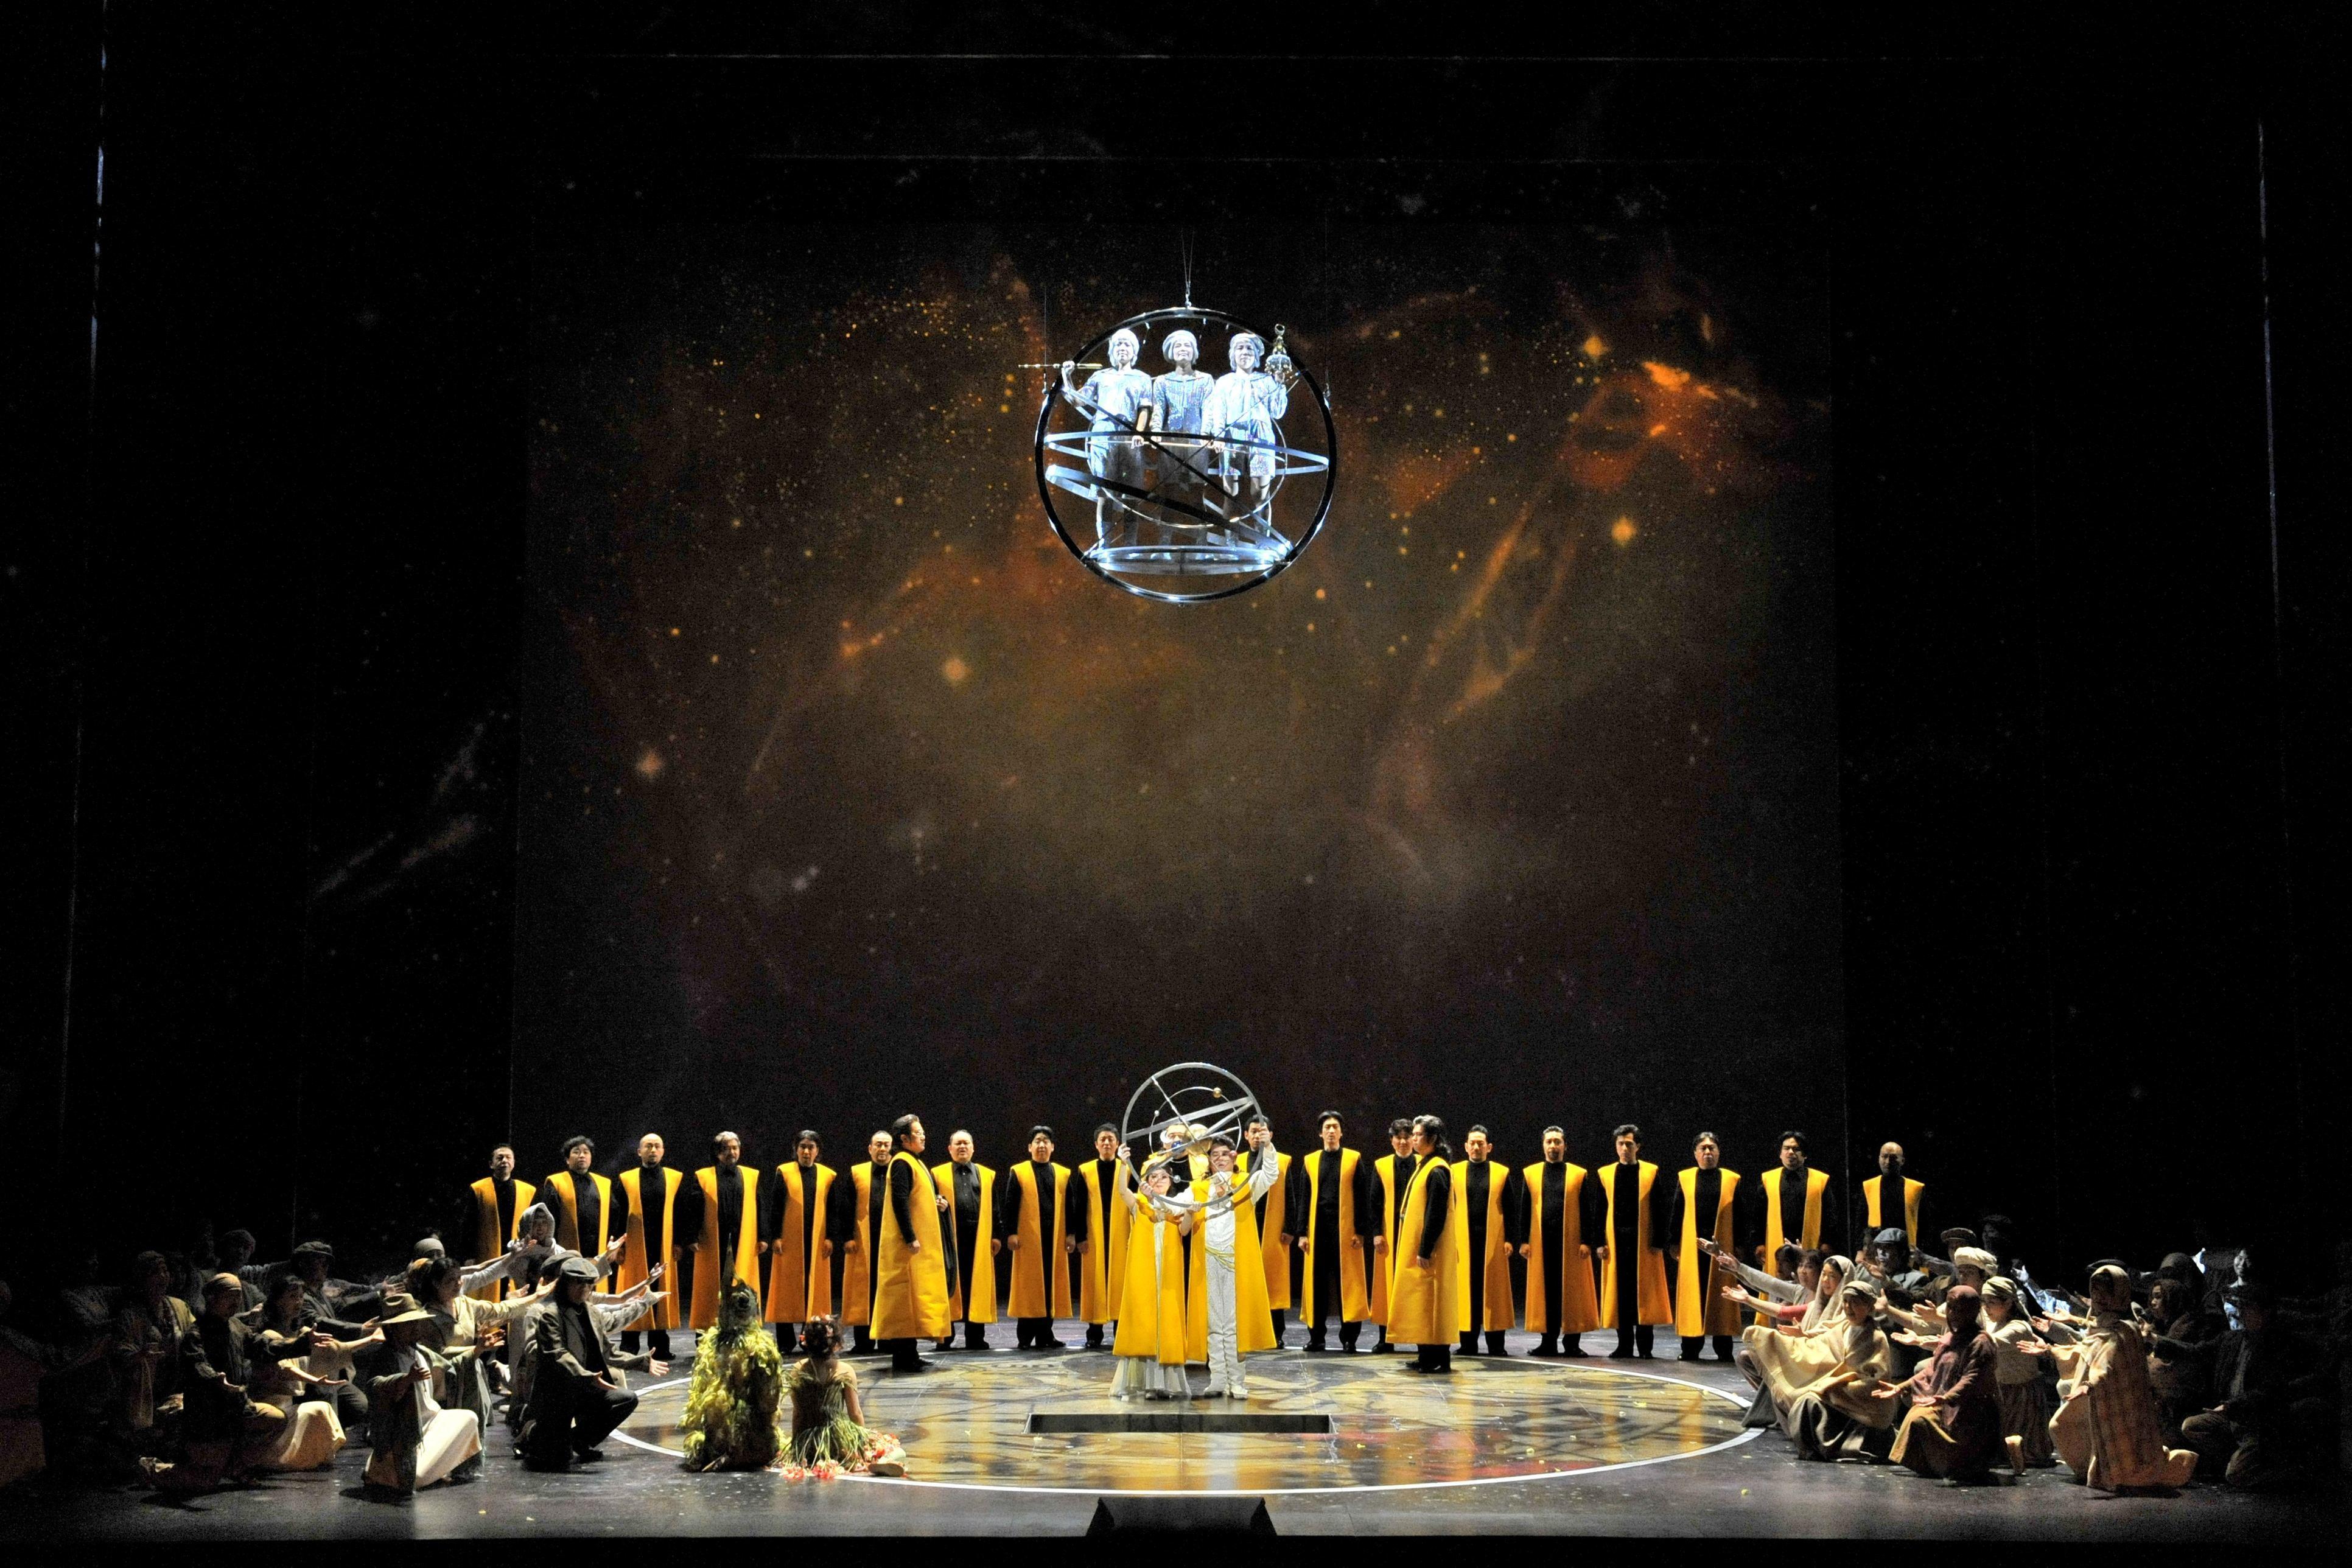 新国立劇場「魔笛」の幻想的なクライマックス(2013年公演より)